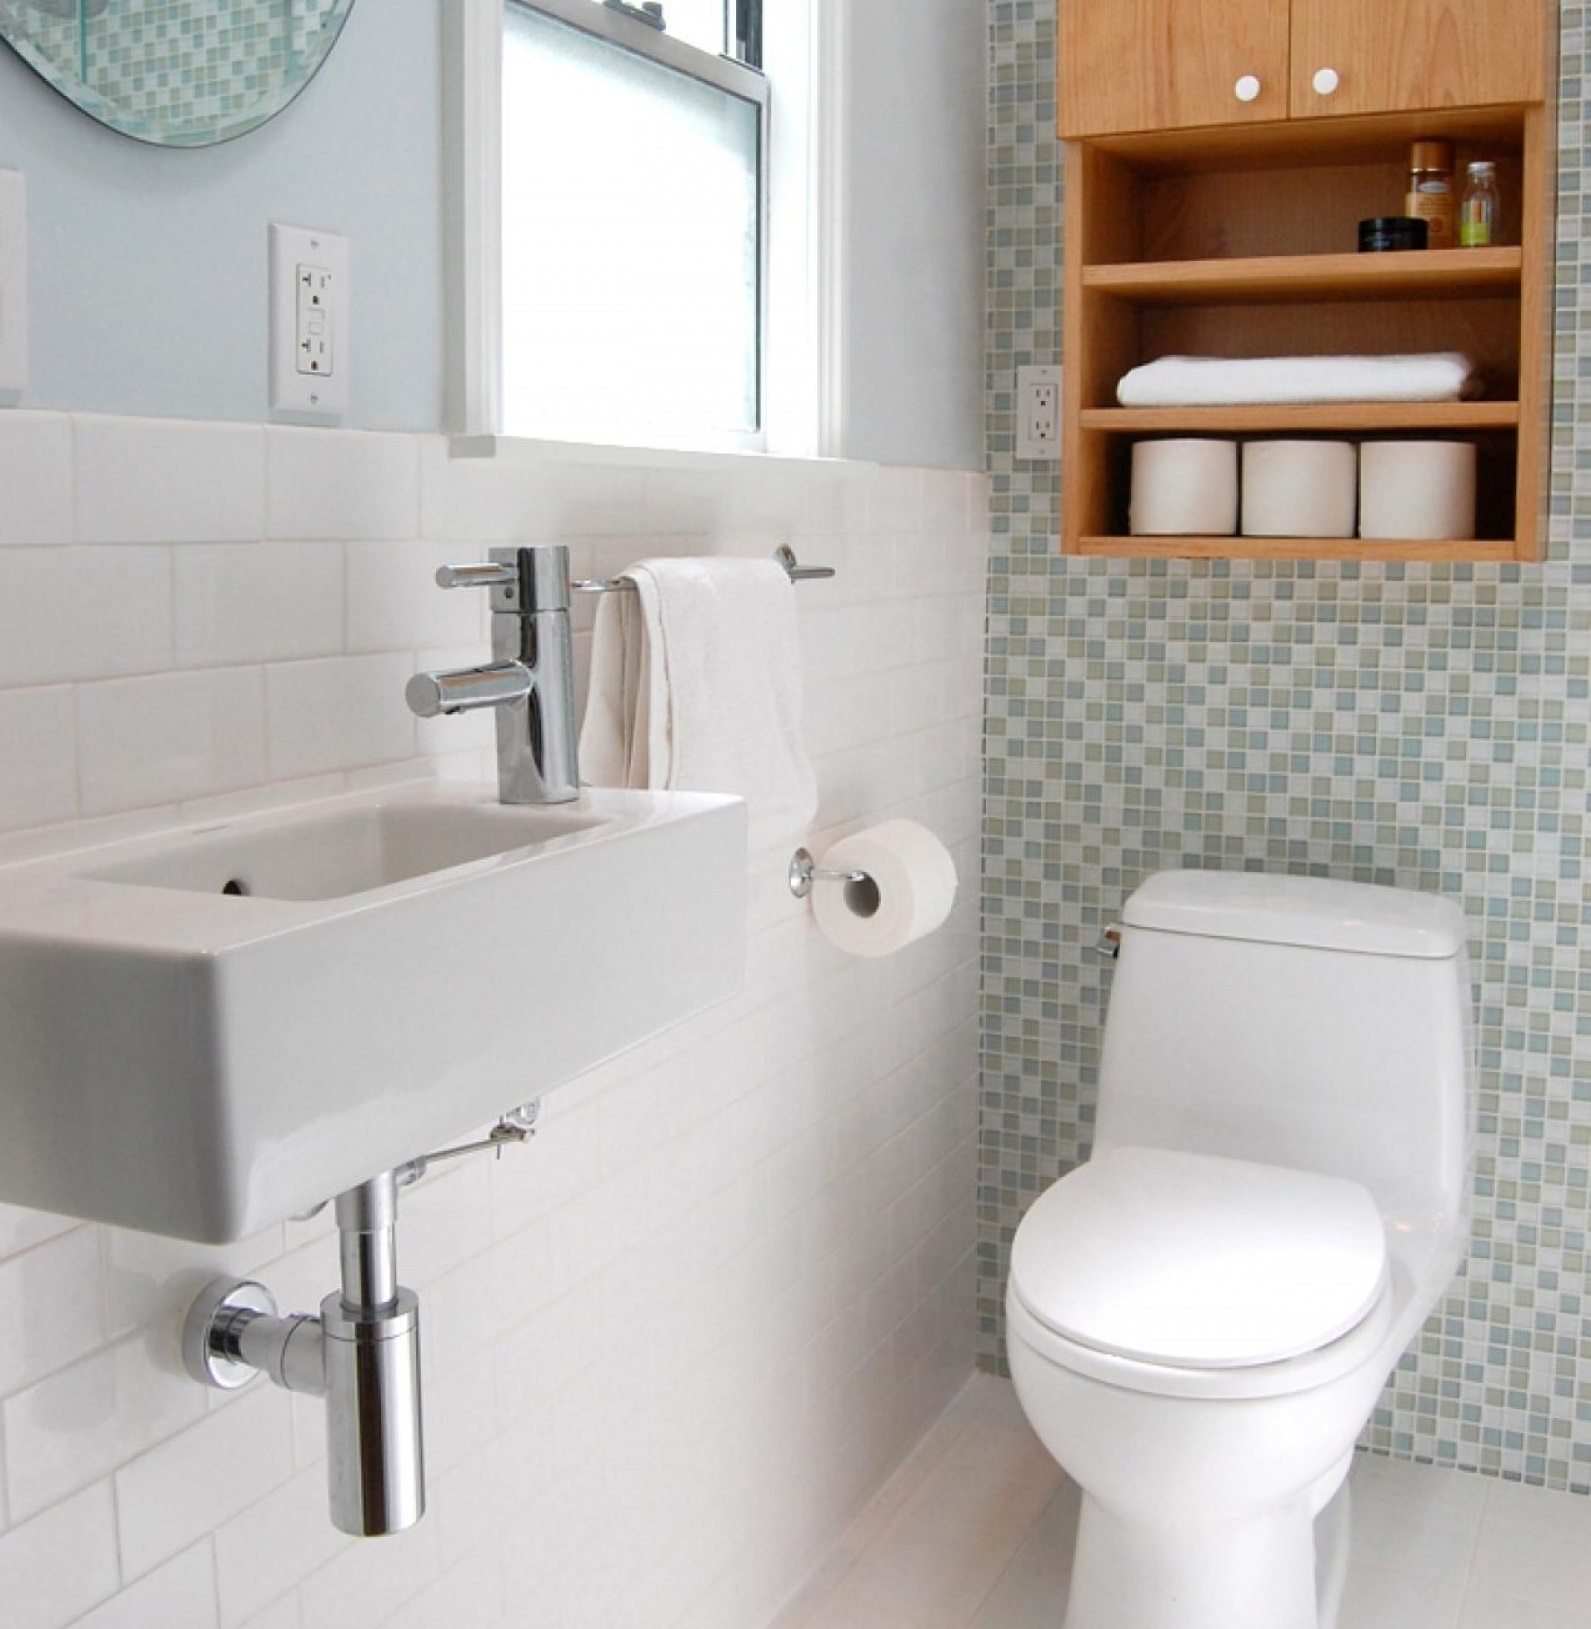 В туалете можно разместить умывальник с раковиной небольших размеров